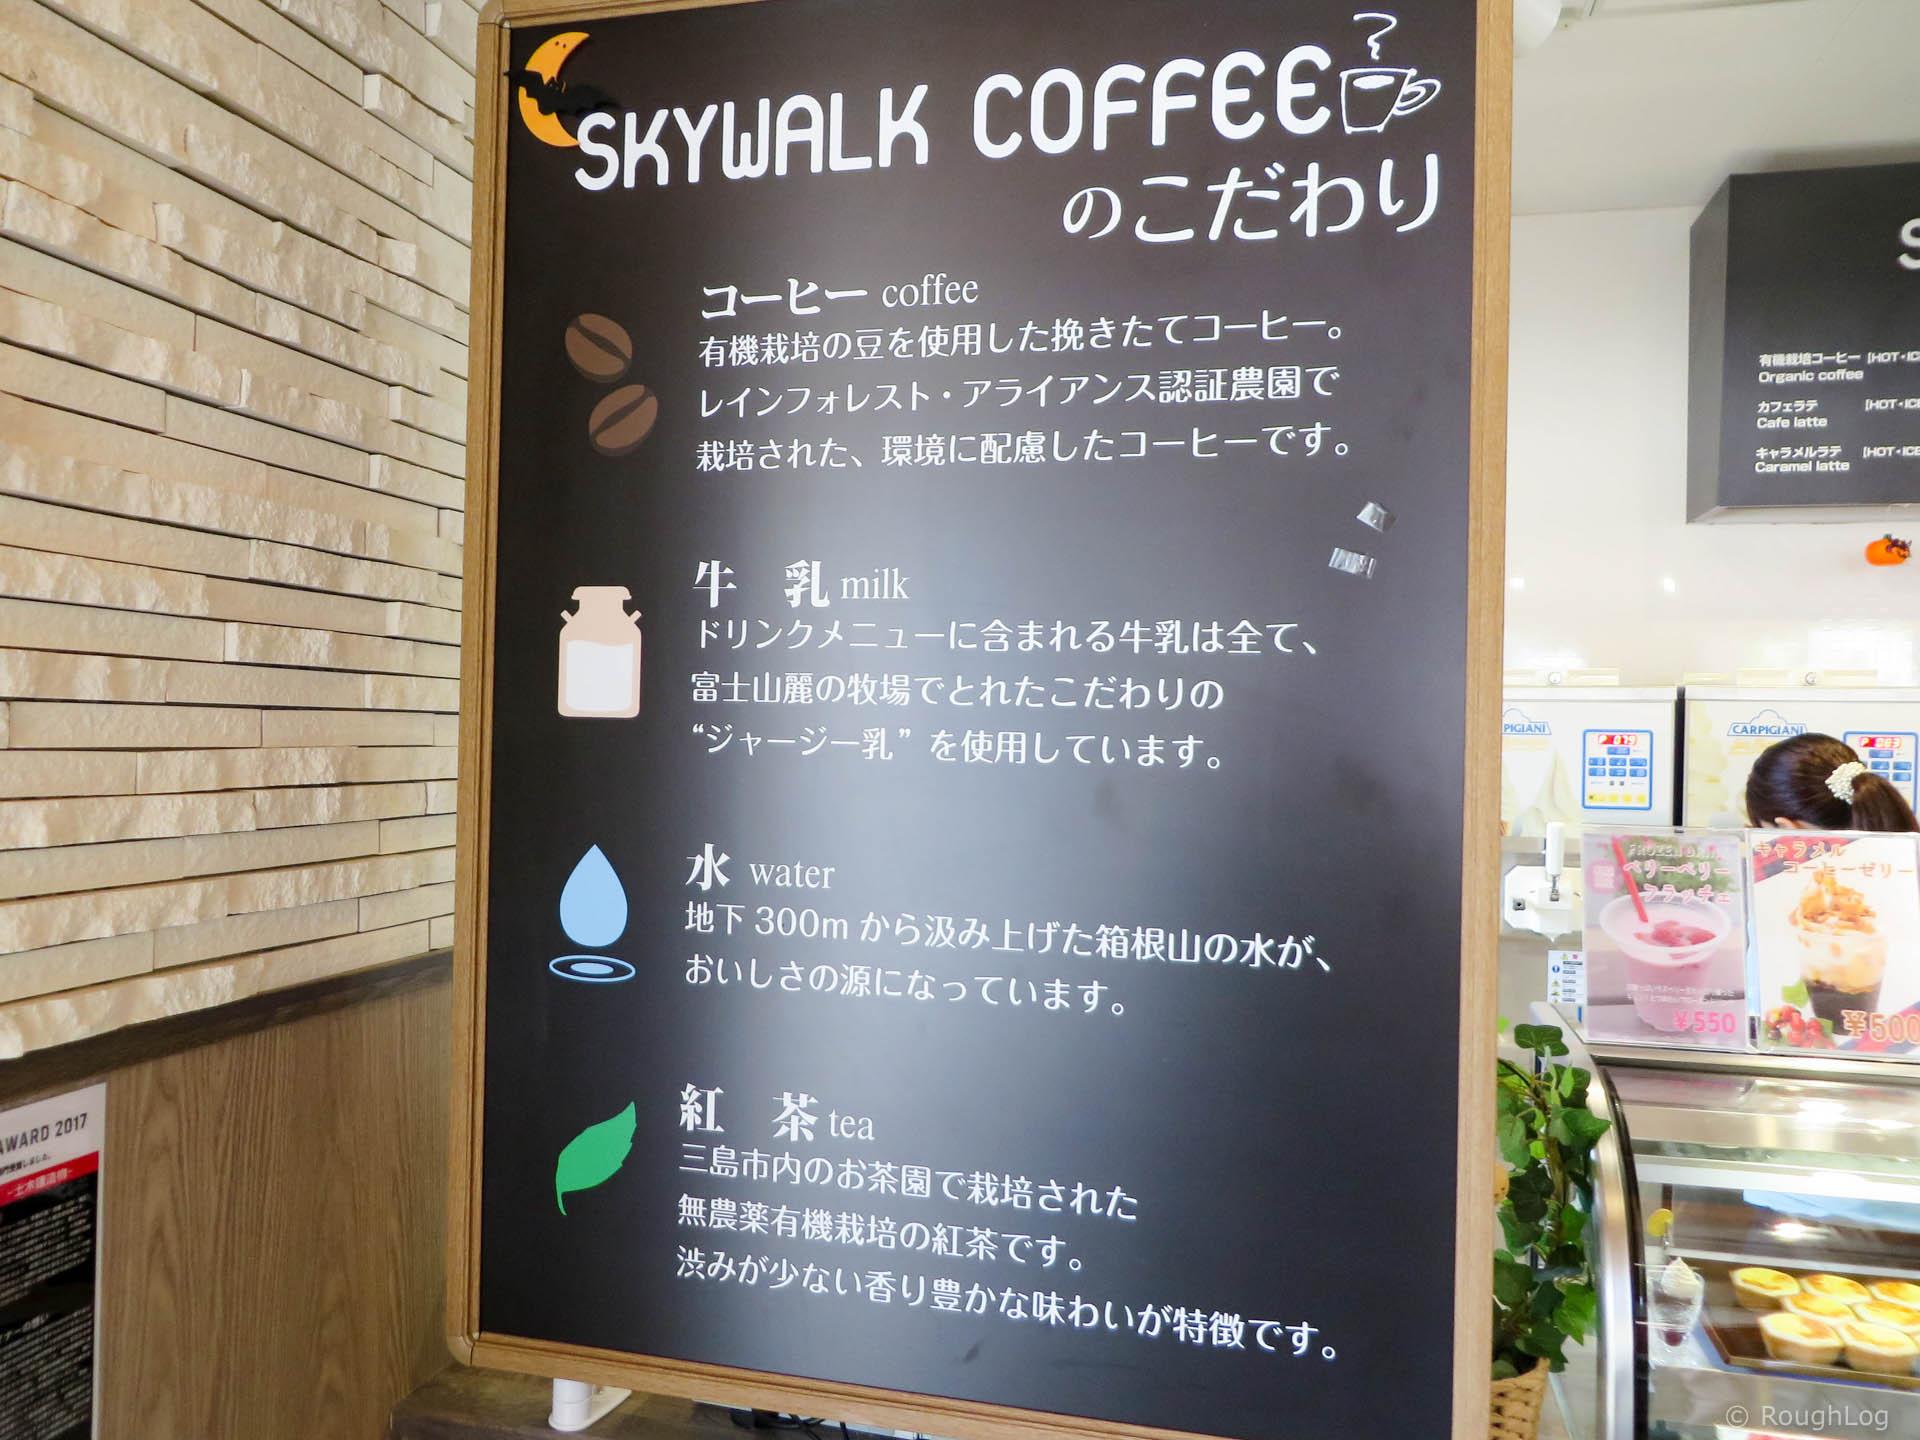 三島スカイウォーク スカイウォークコーヒー